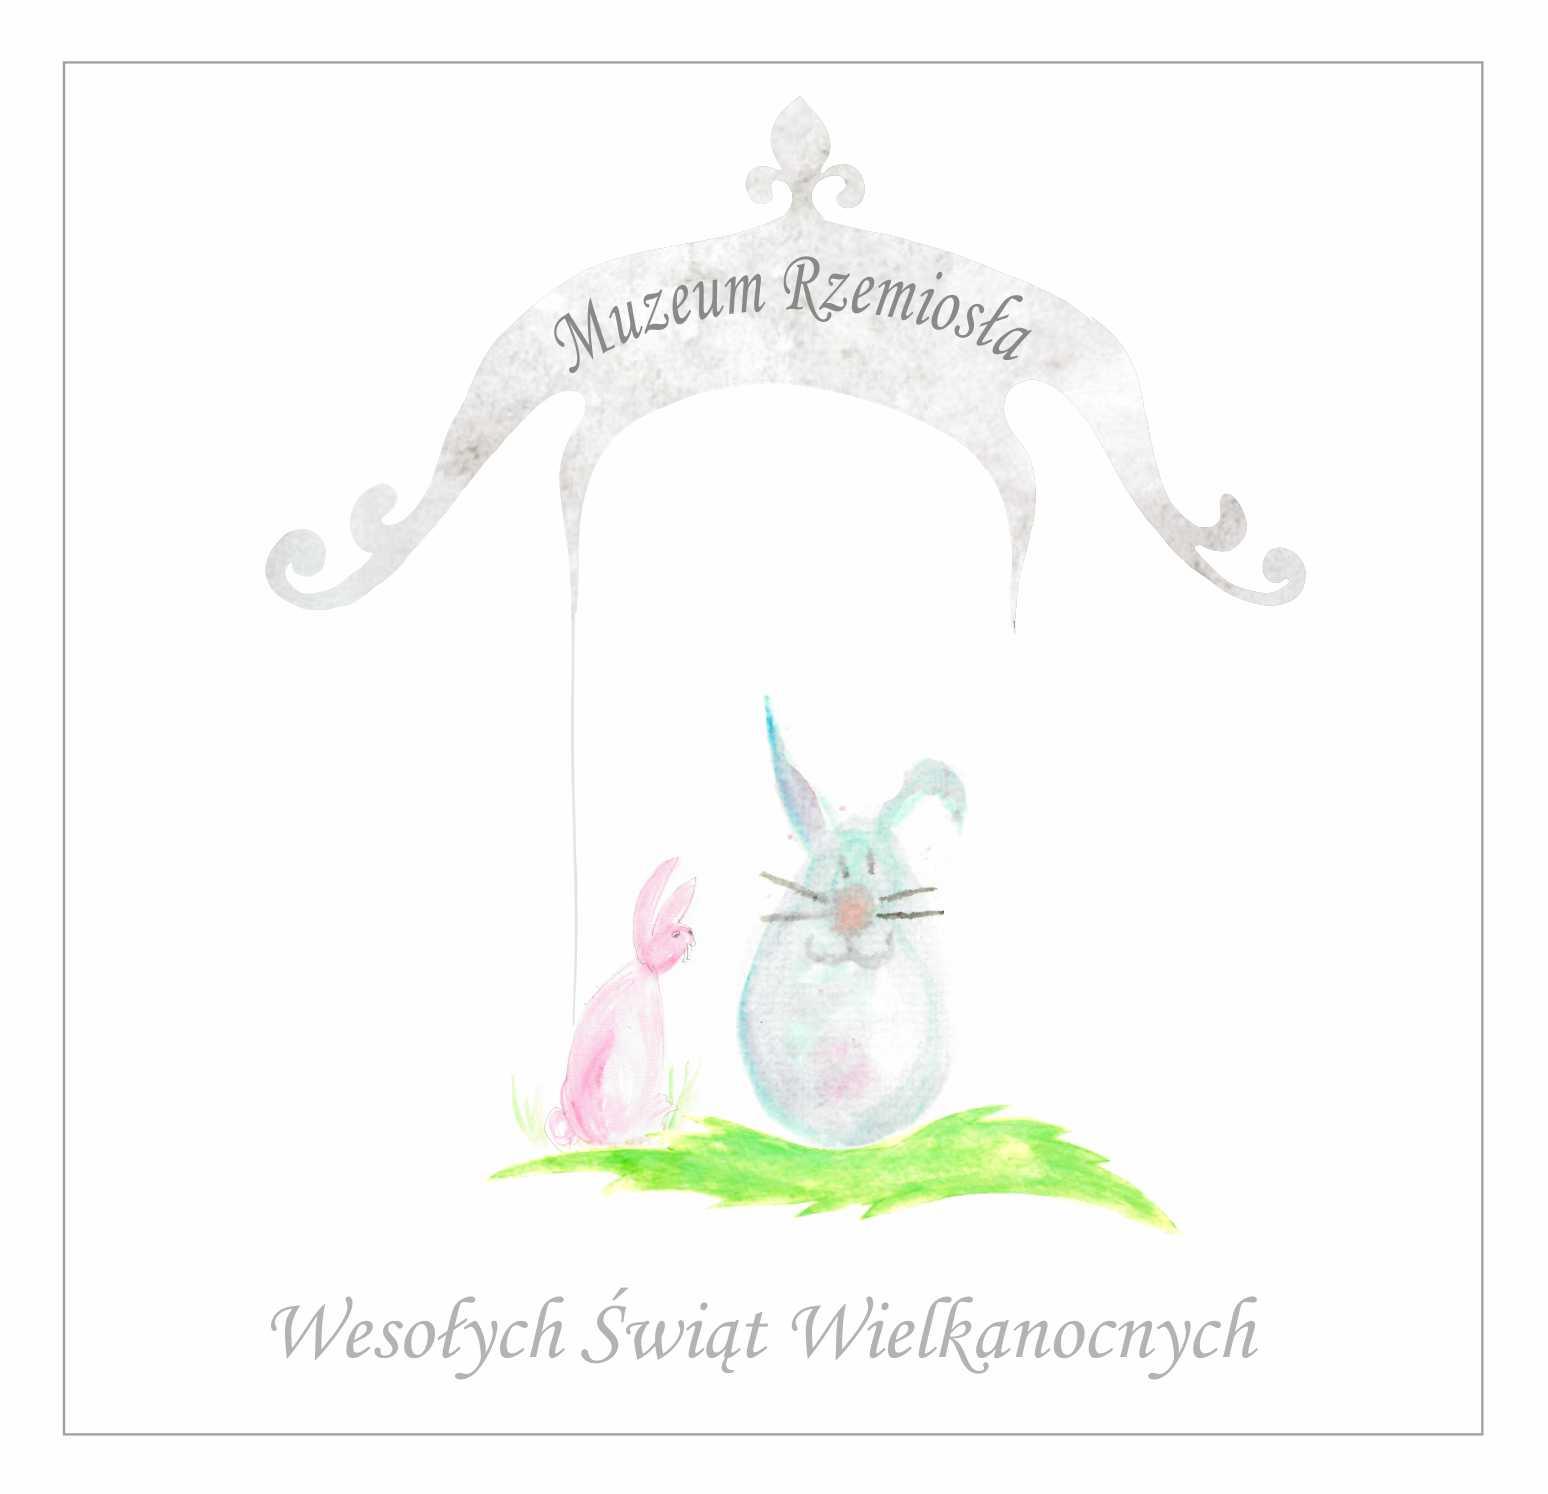 rysunek akwarelą, widoczne dwa zające siedzące przed bramą z maipsem Muzeum Rzemiosła. Na dole napis: Wesołych Świąt Wielkanocnych